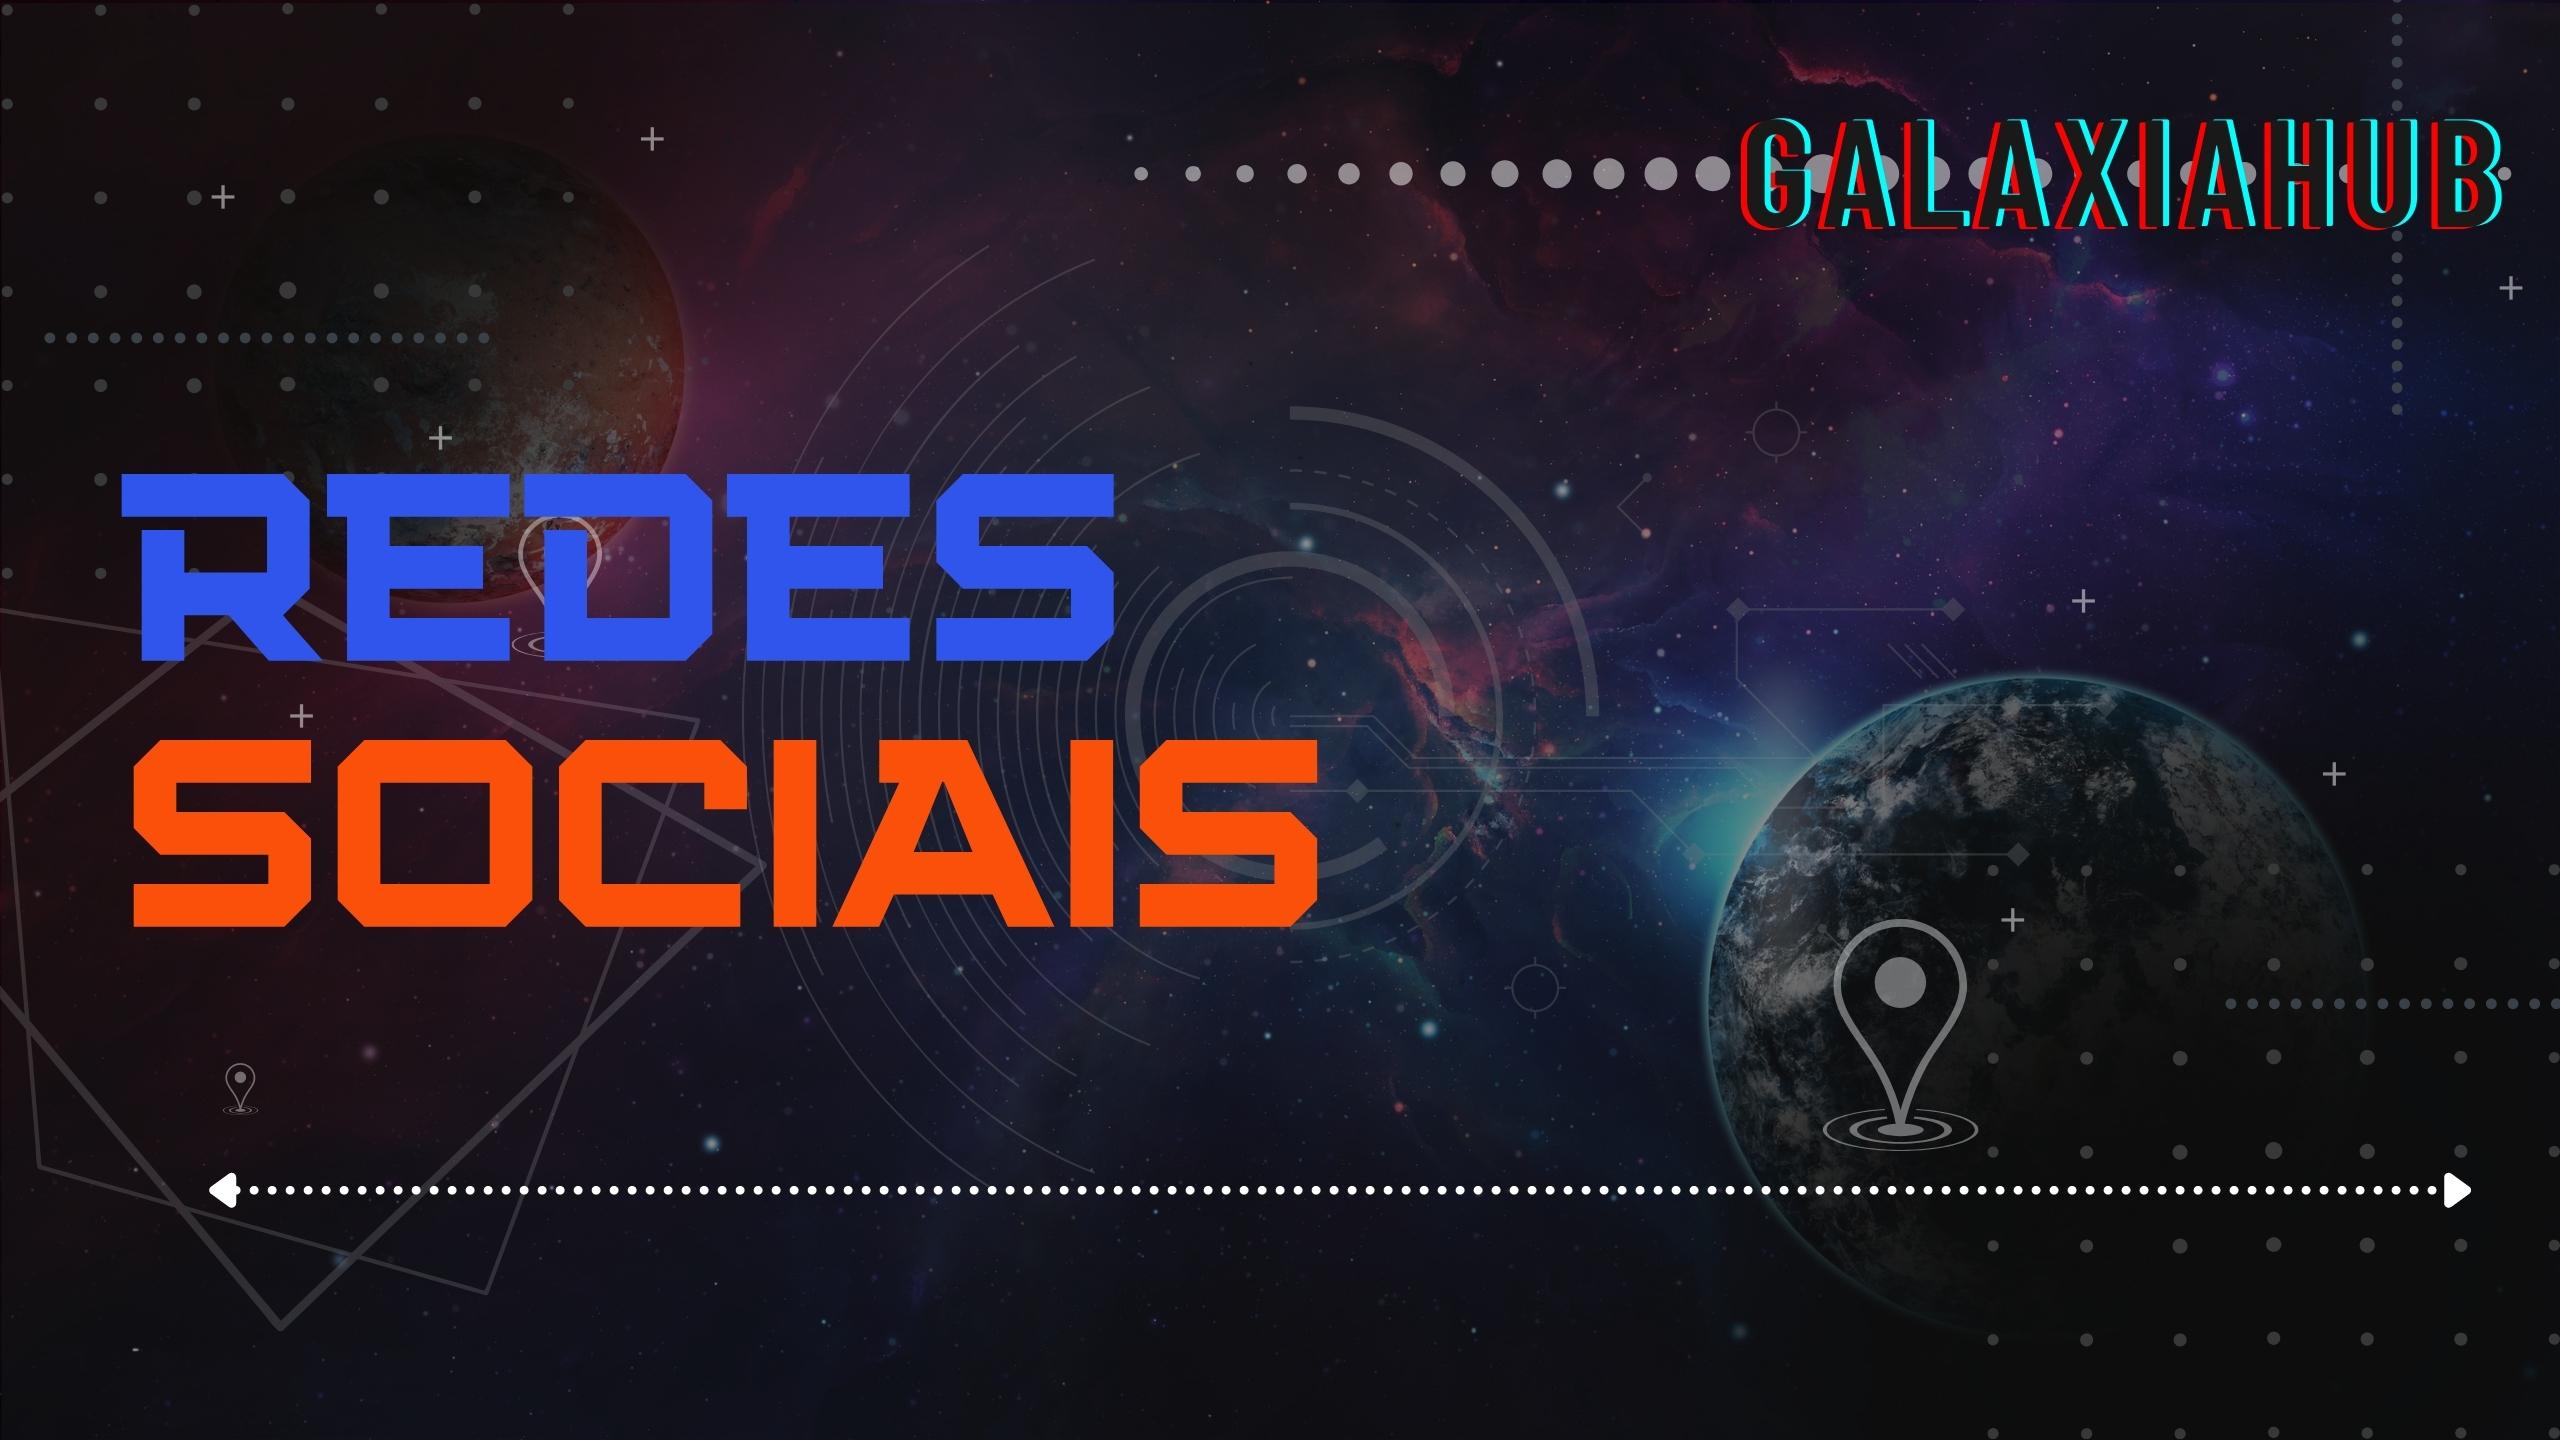 Redes Sociais GalaxiaHub Site